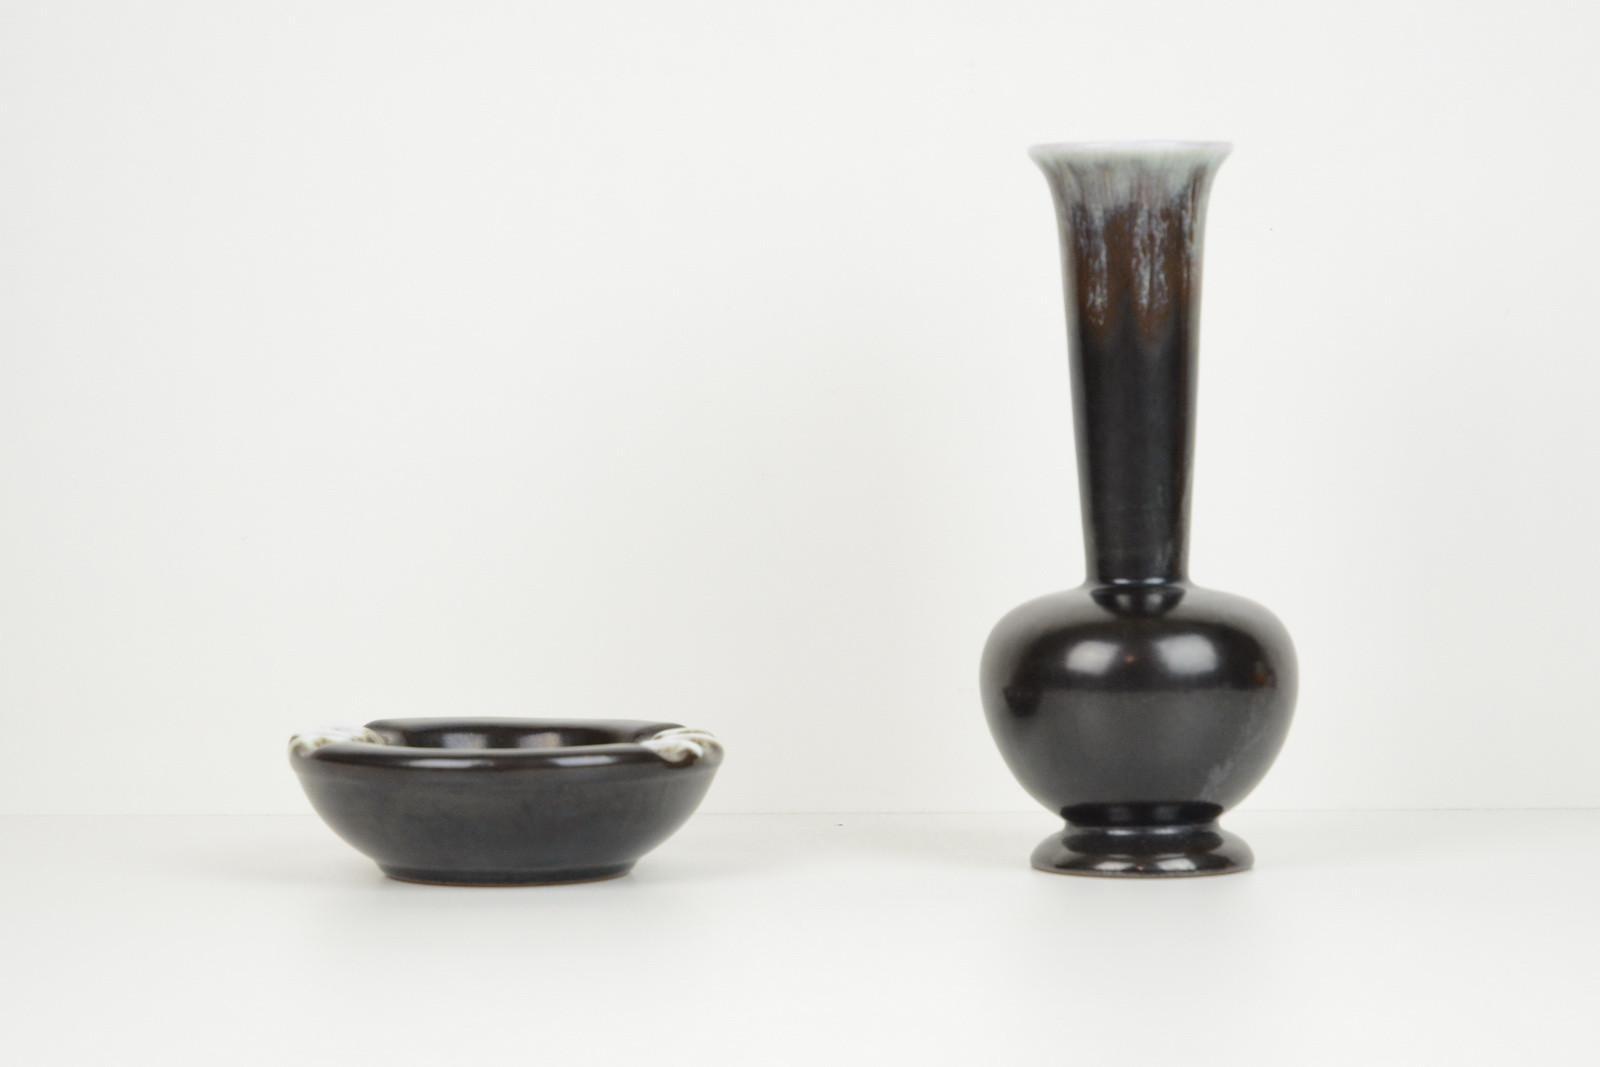 posacenre-e-vaso-di-ceramica-5,2125.jpg?WebbinsCacheCounter=1